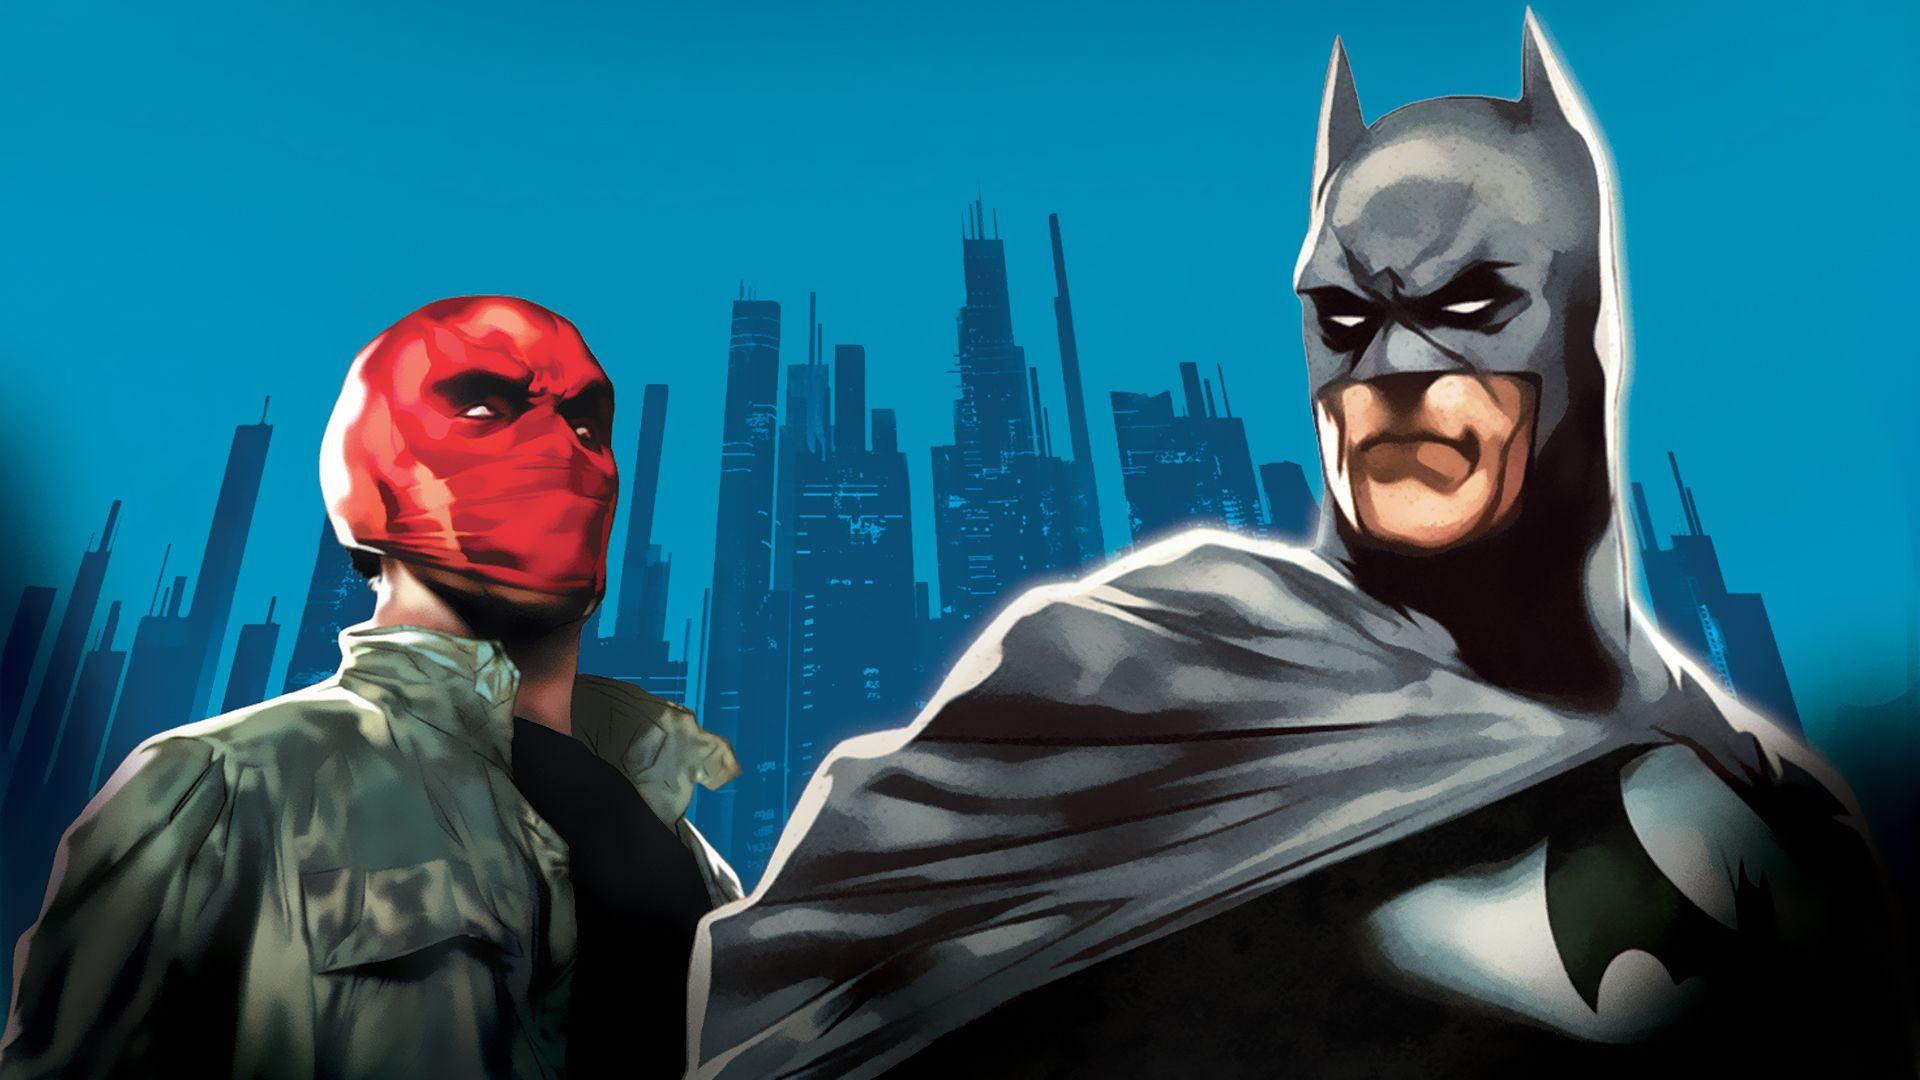 Batman Red Hood HD Wallpaper - WallpaperSafari